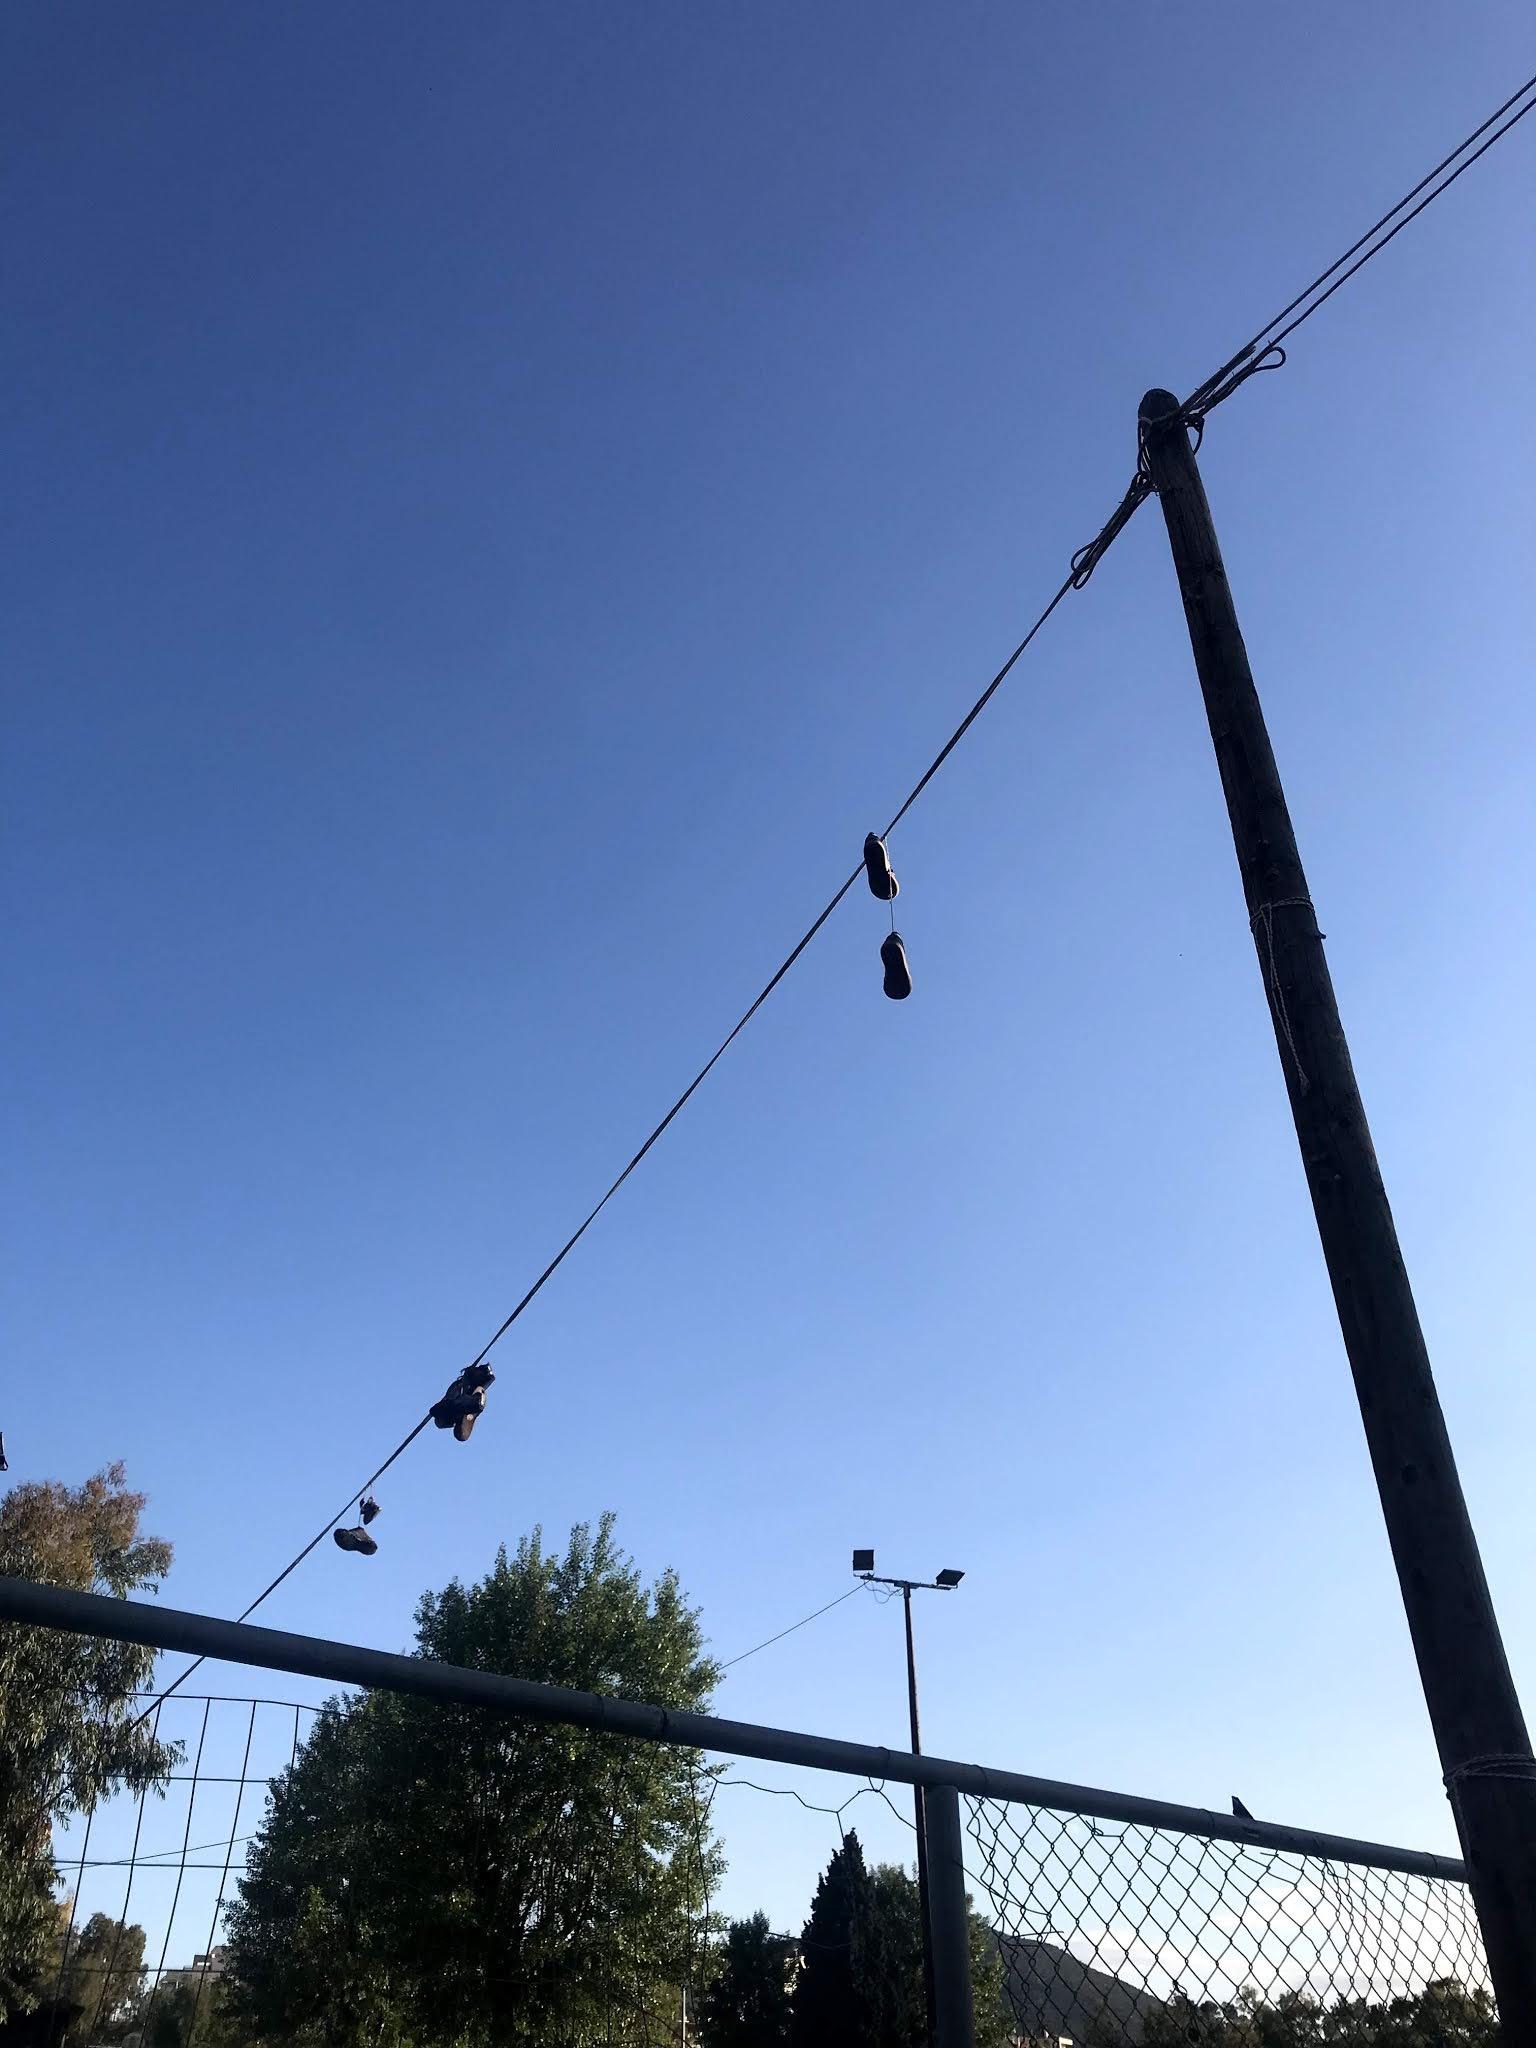 Αυτό που είδαμε στην περιοχή του Βούρκου είναι παπούτσια να δένονται μεταξύ τους με τα κορδόνια τους και να βρίσκονται κρεμασμένα στα καλώδια.